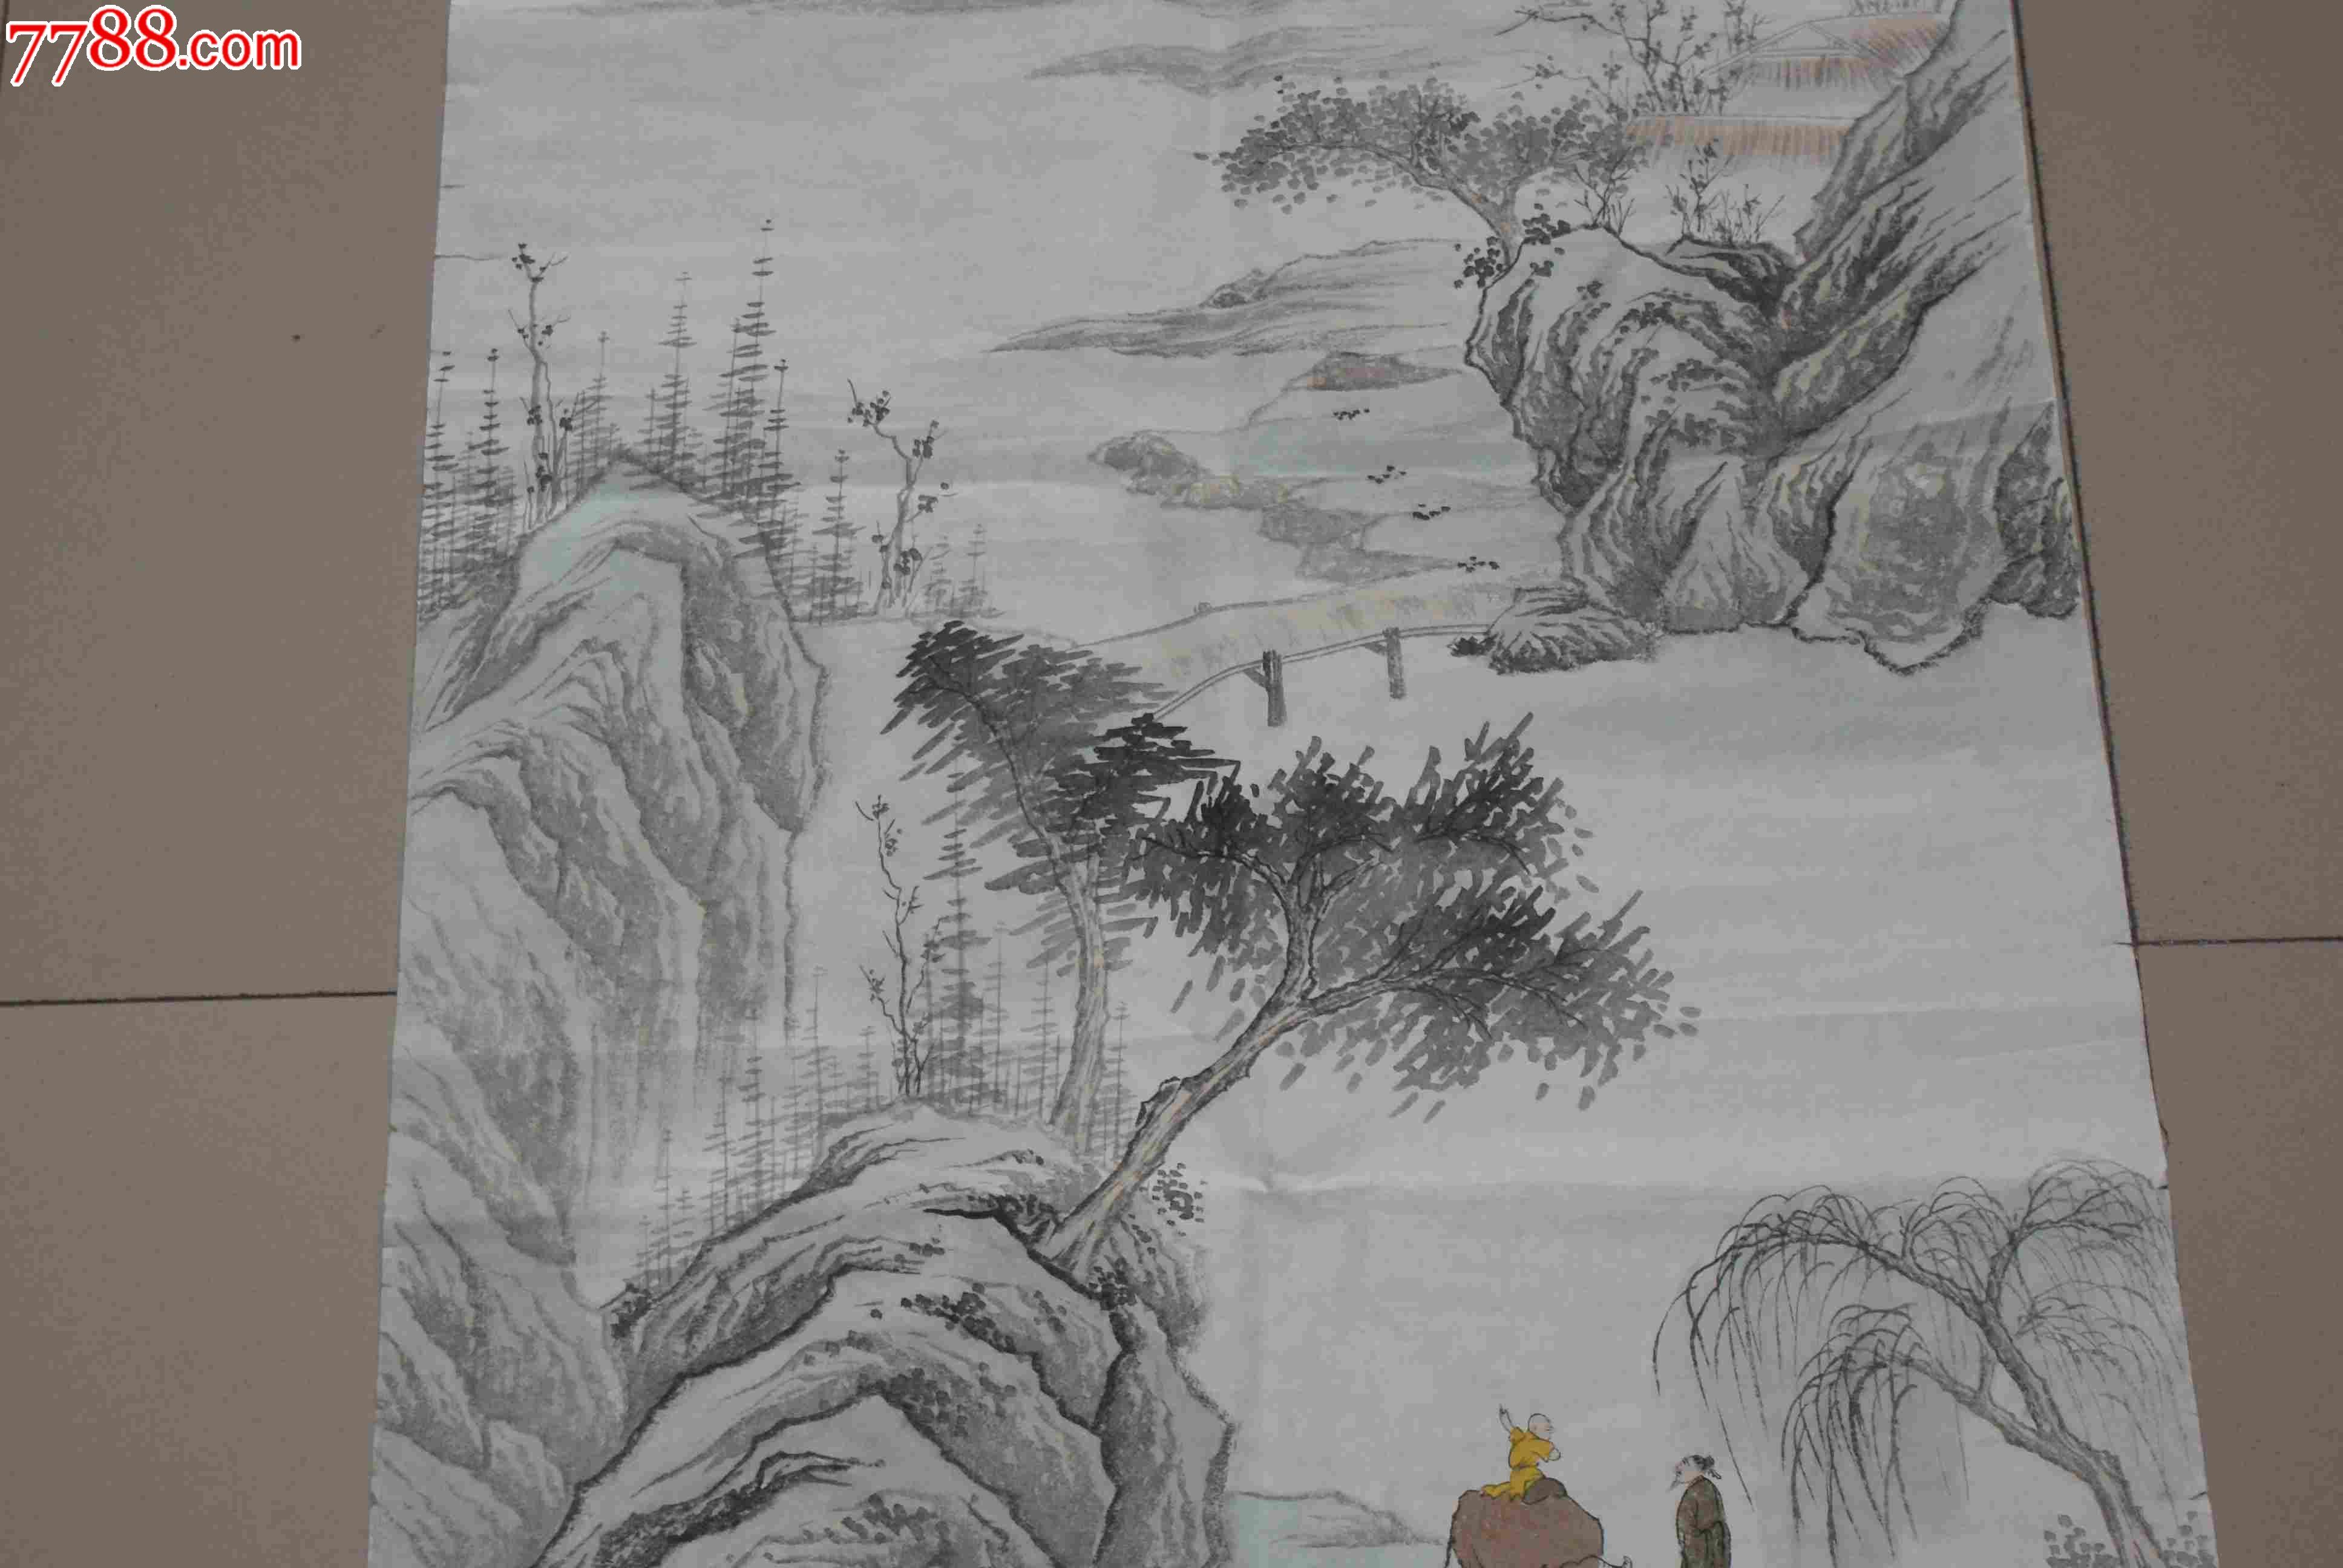 朱梅村_著名画家朱梅村的山水